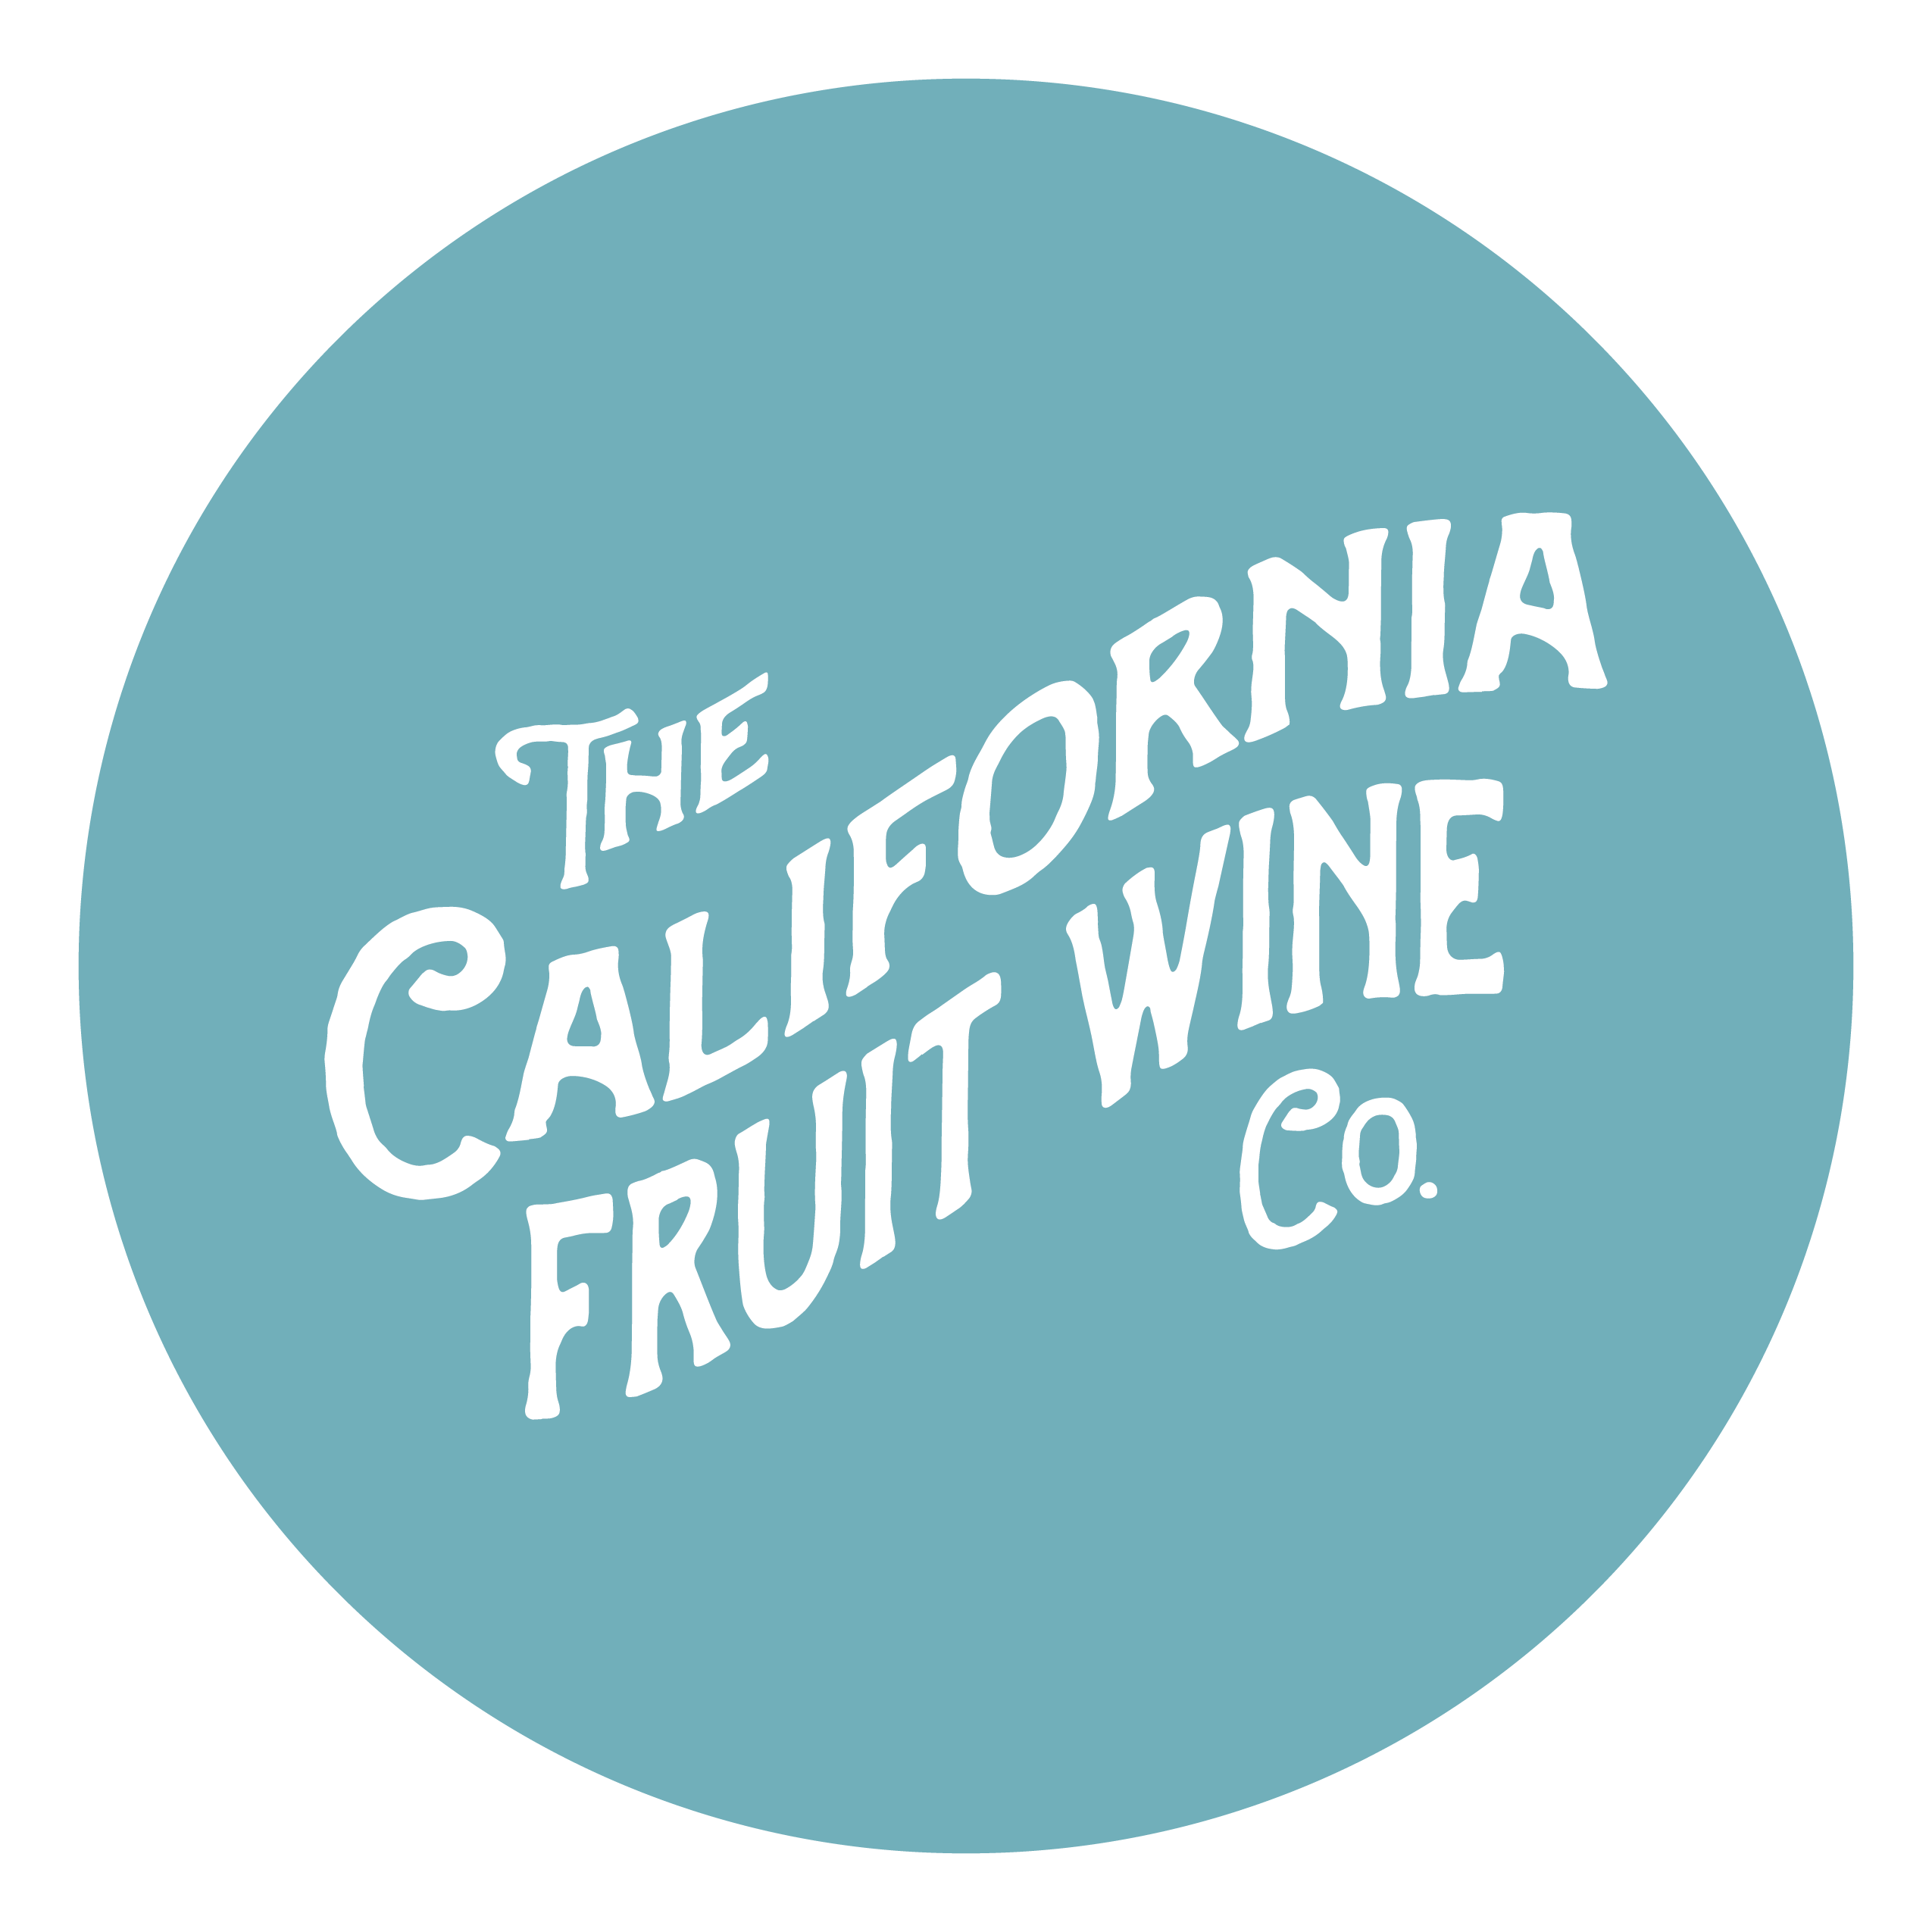 California Fruit Wine